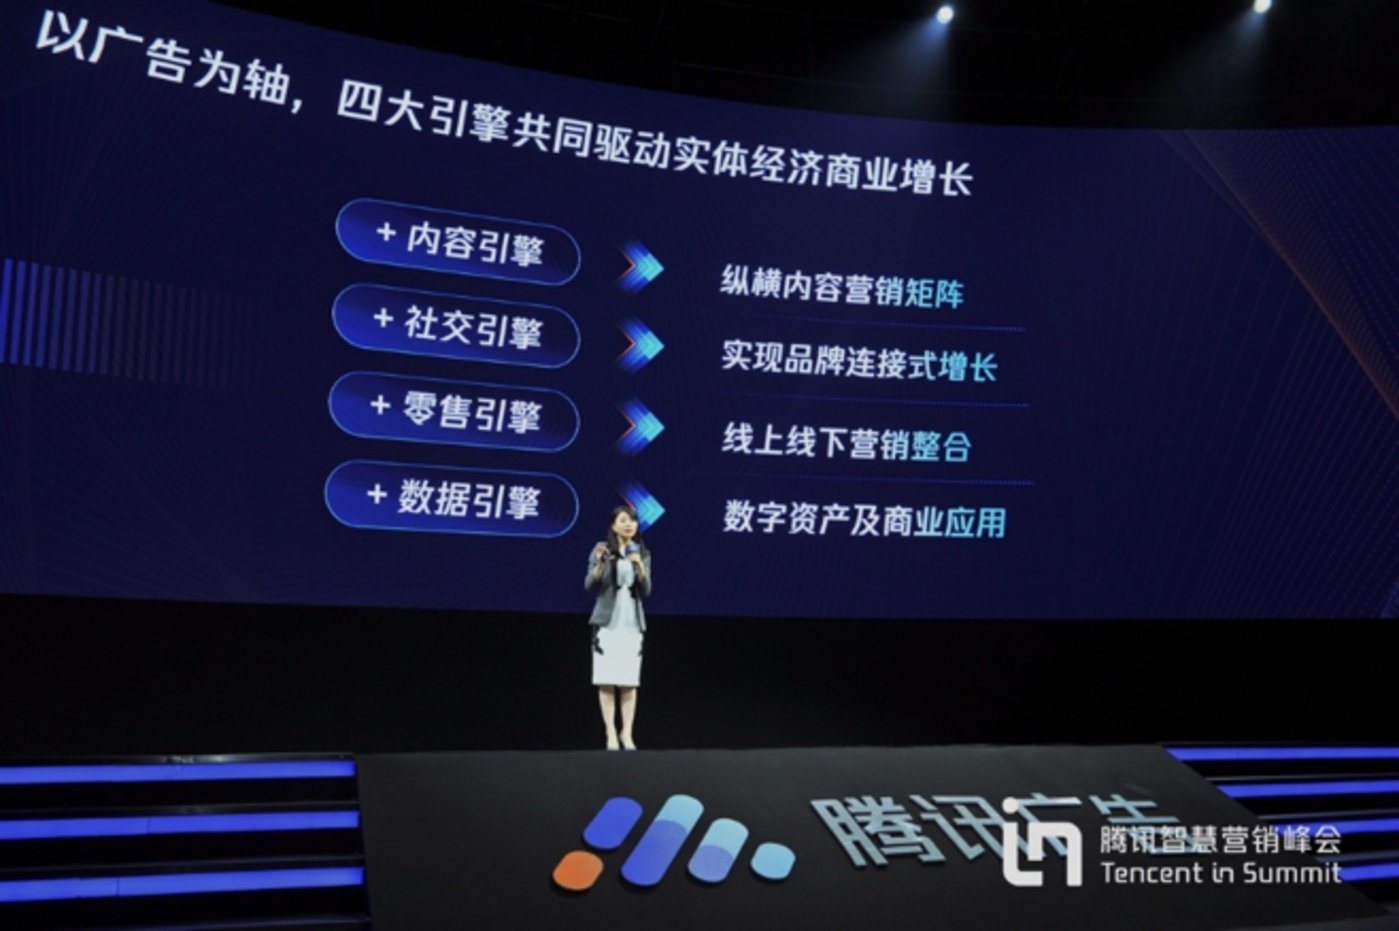 腾讯广告大客户销售运营总经理范奕瑾在现场分享